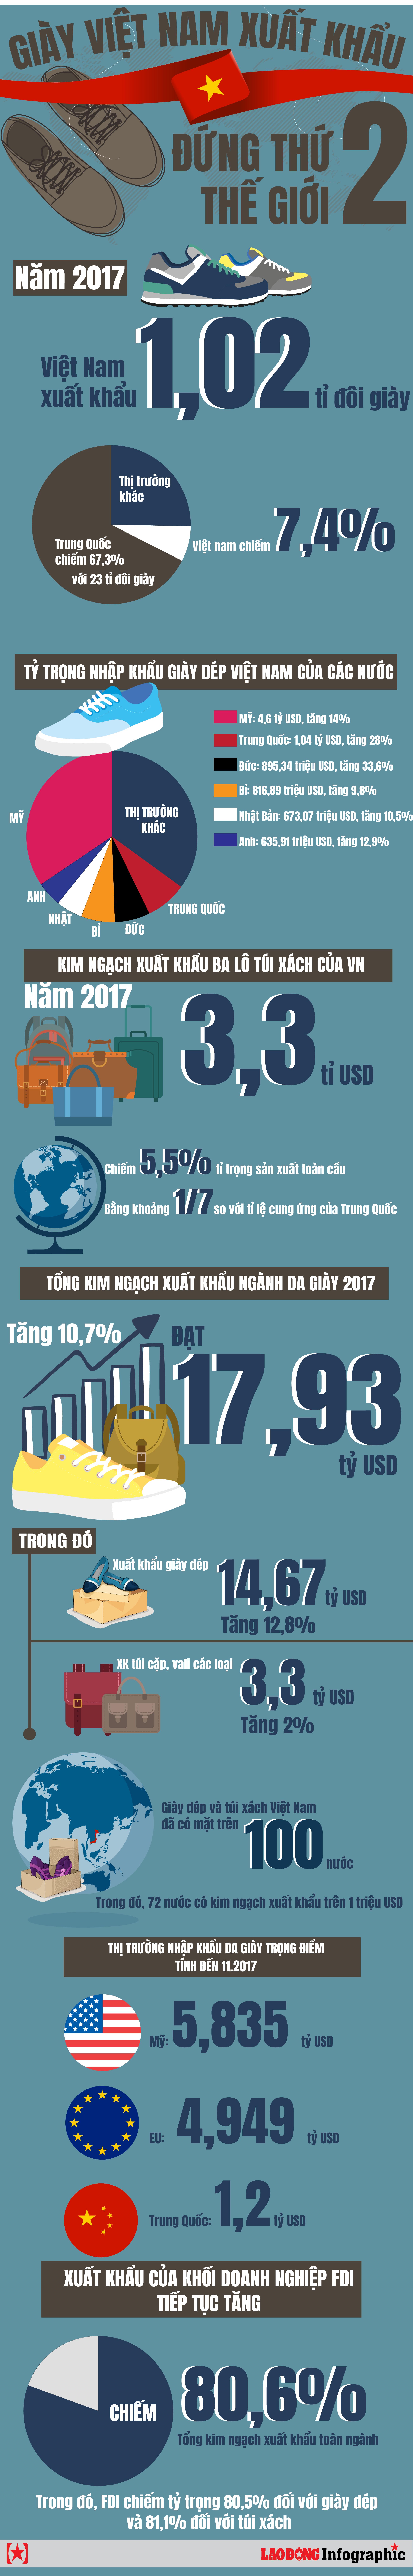 infographic viet nam la cuong quoc thu may tren the gioi ve xuat khau da giay